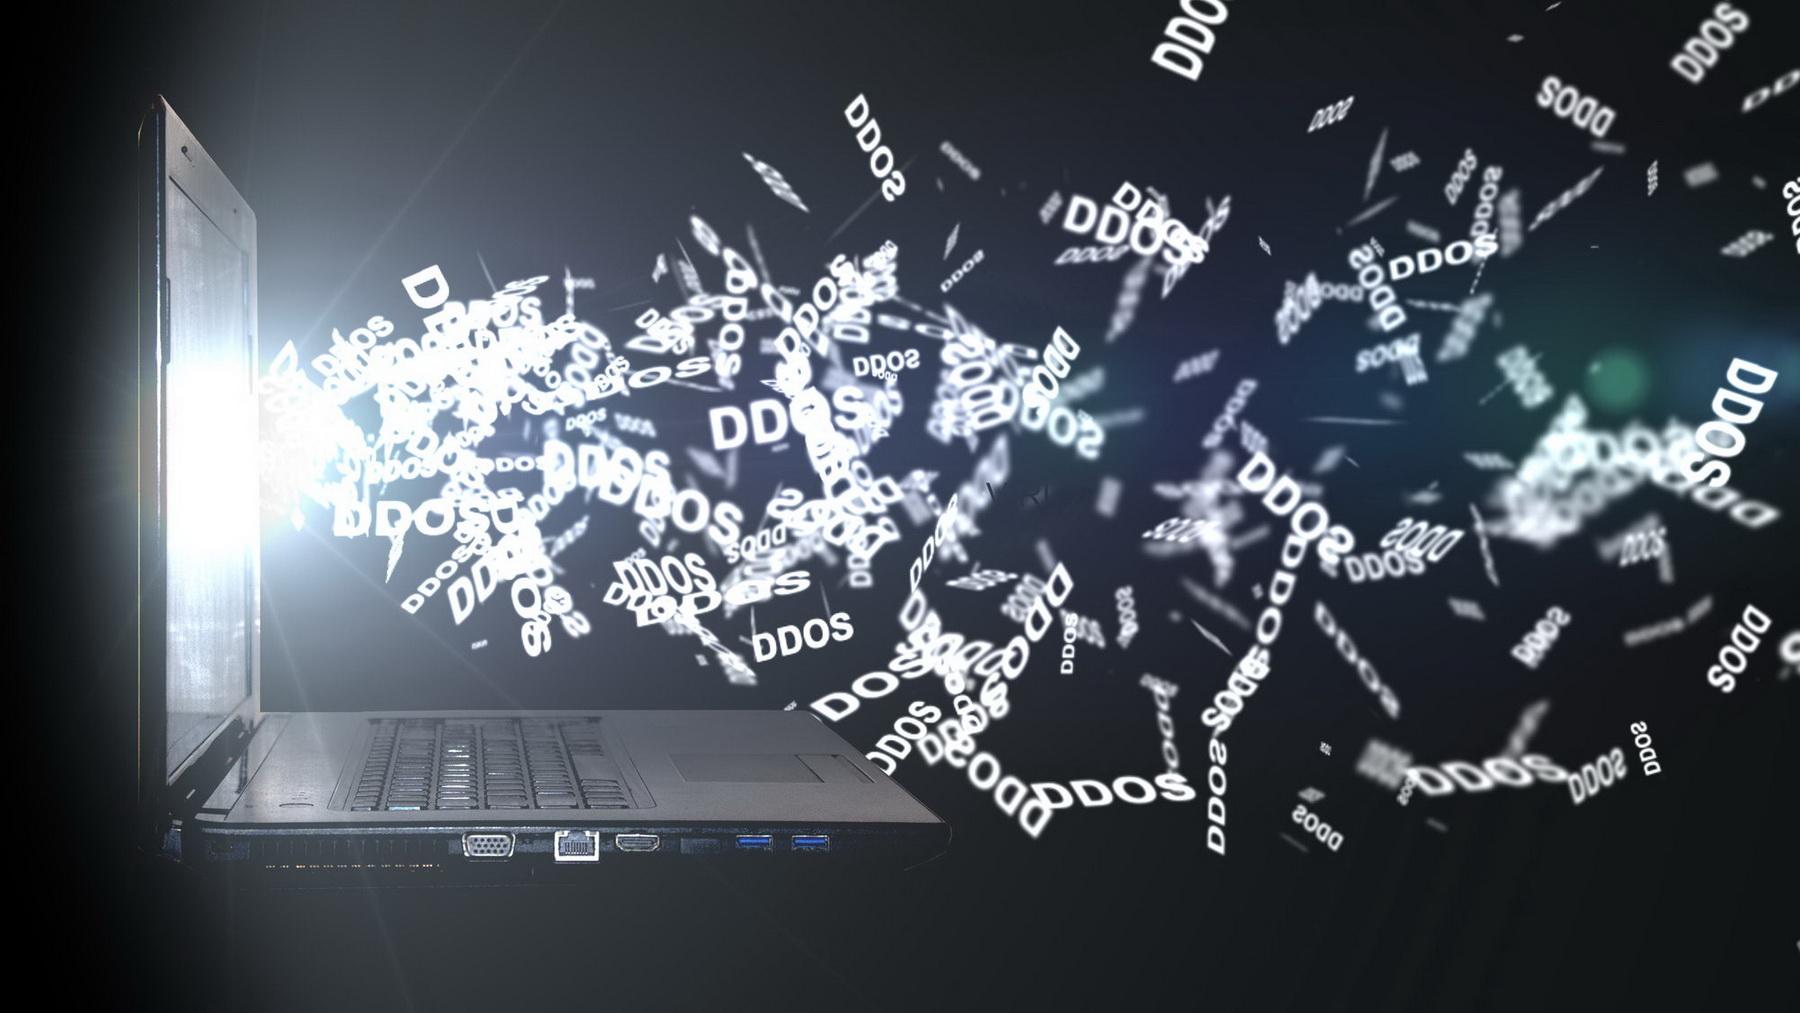 Akamai сообщает, что мощные DDoS-атаки становятся нормой